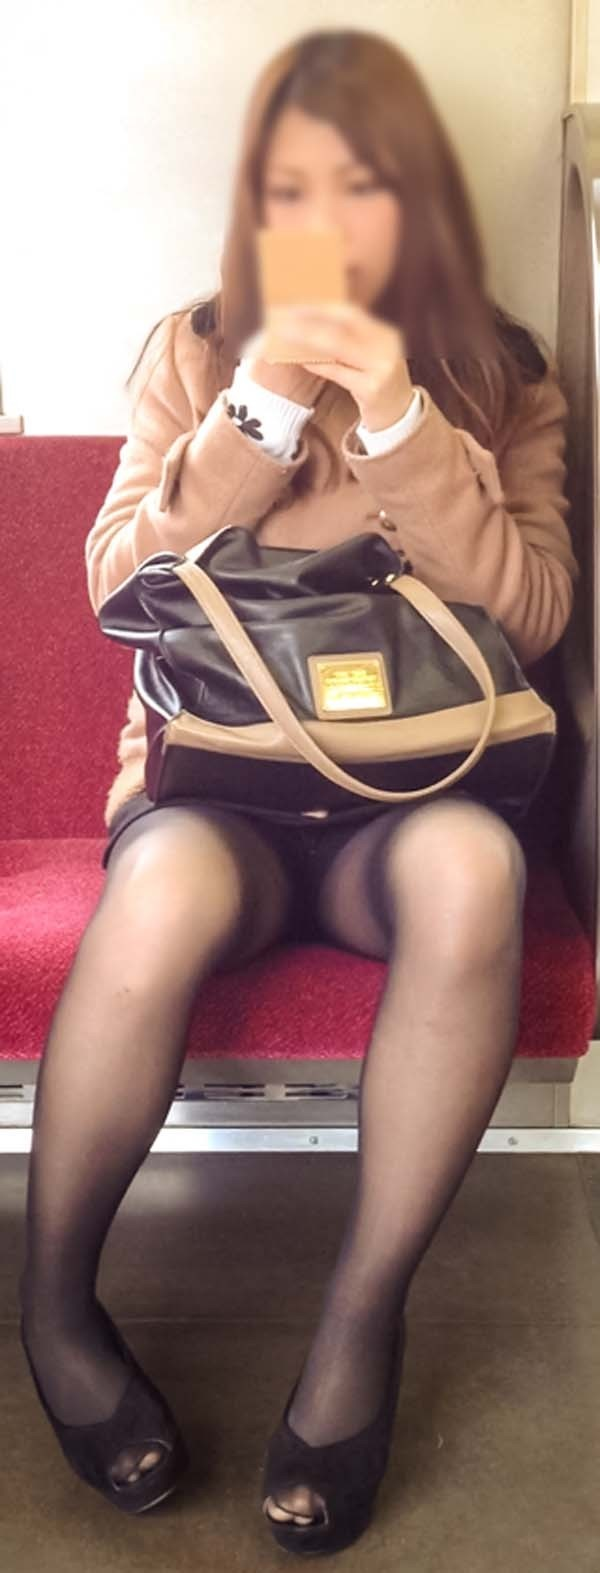 【電車内盗撮エロ画像】電車内でパンチラしている女子見つけたから撮ったったw 45